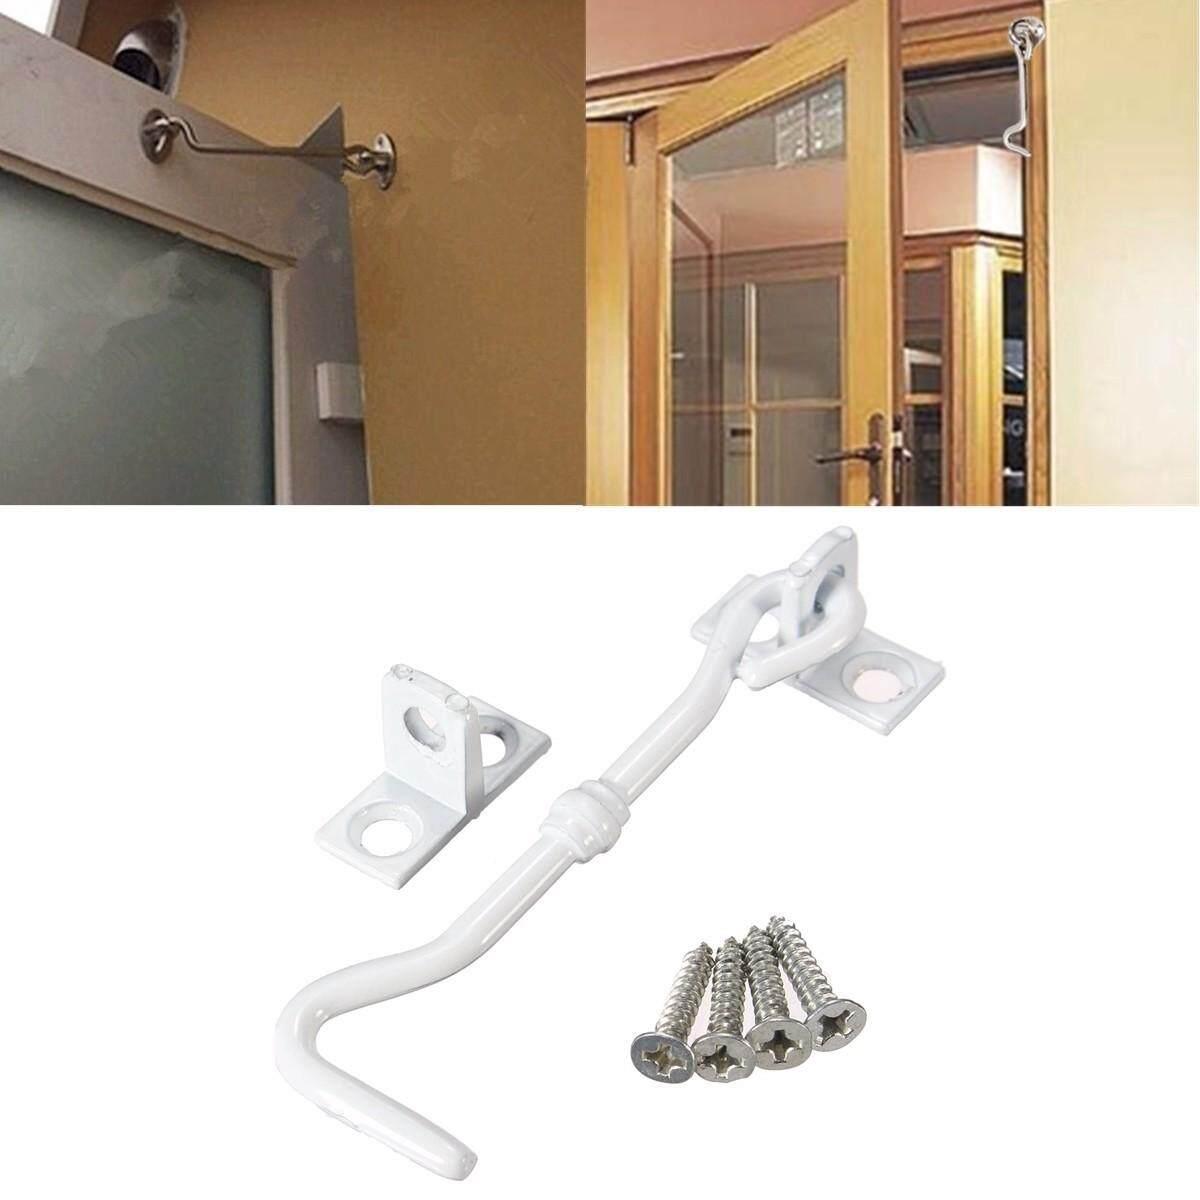 45pcs 3 Cabinet Door Showcase Holder Window Latch Hook & Eye Wind-Proof Silent Lock White - intl